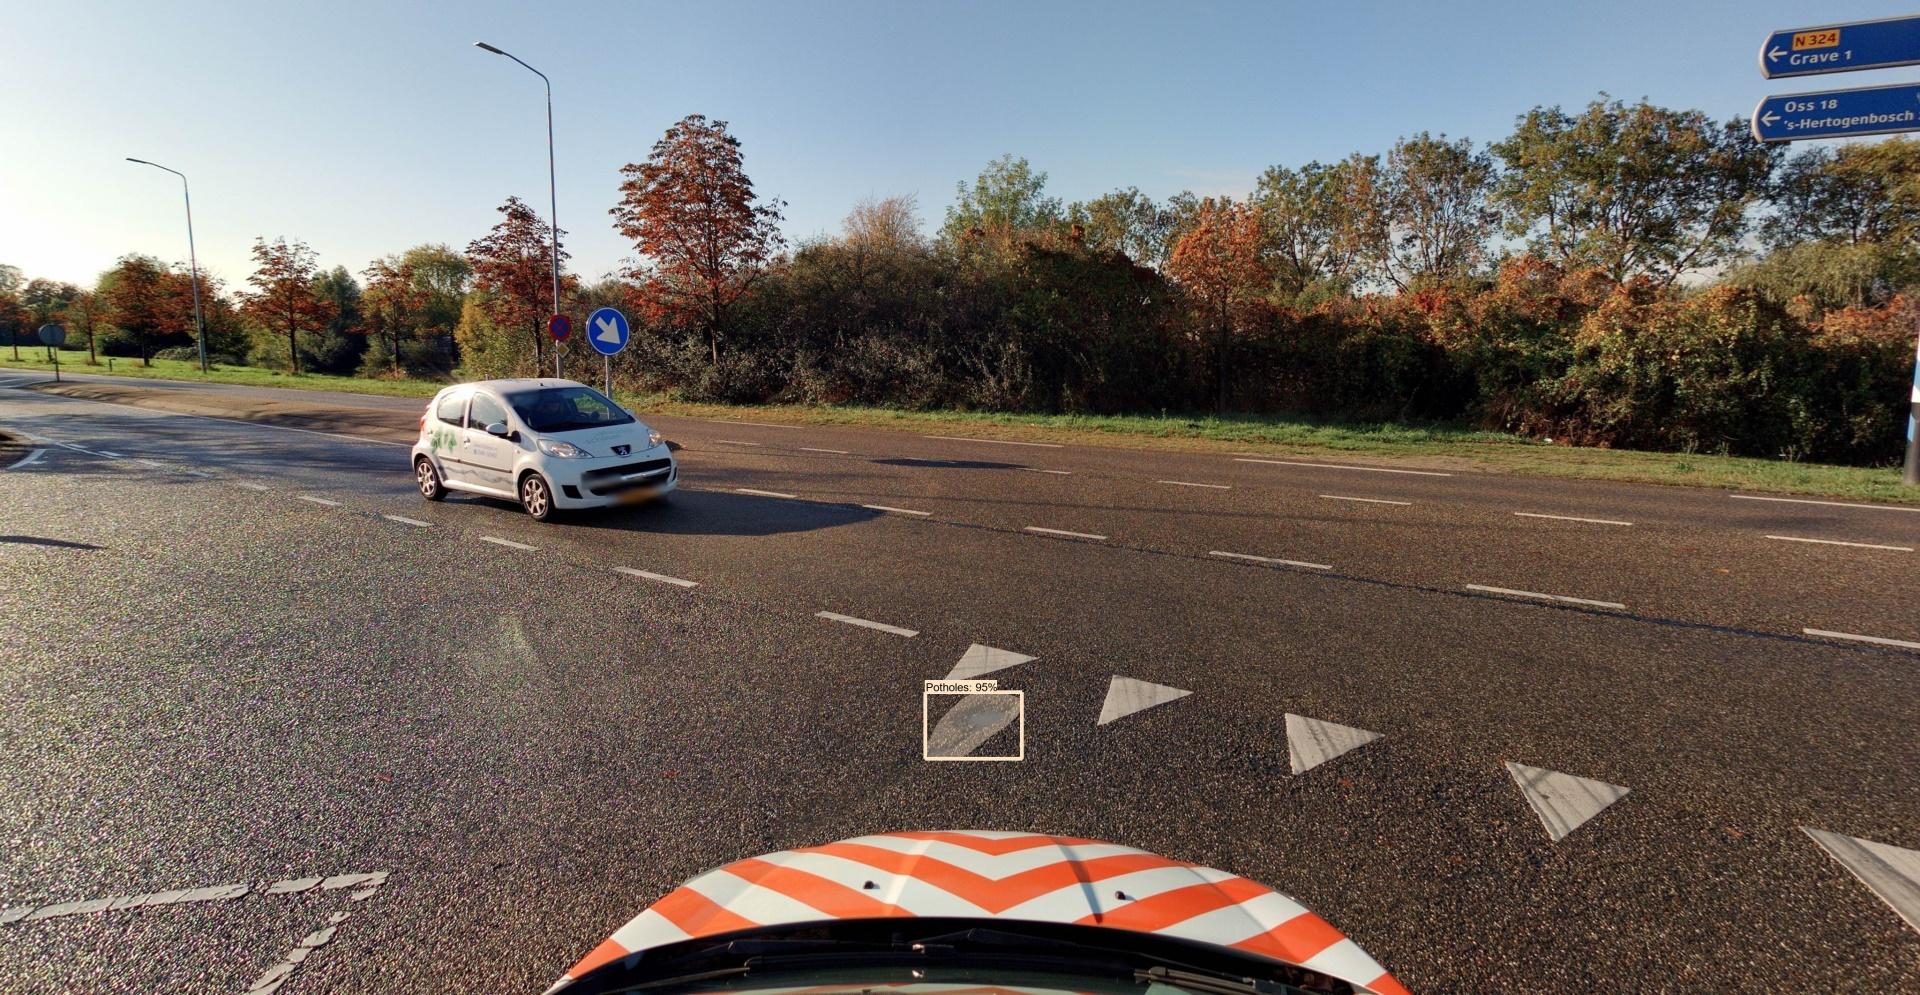 Uitvoering van een automatische detectie van schade aan wegen door middel van camera in auto die schade detecteert.